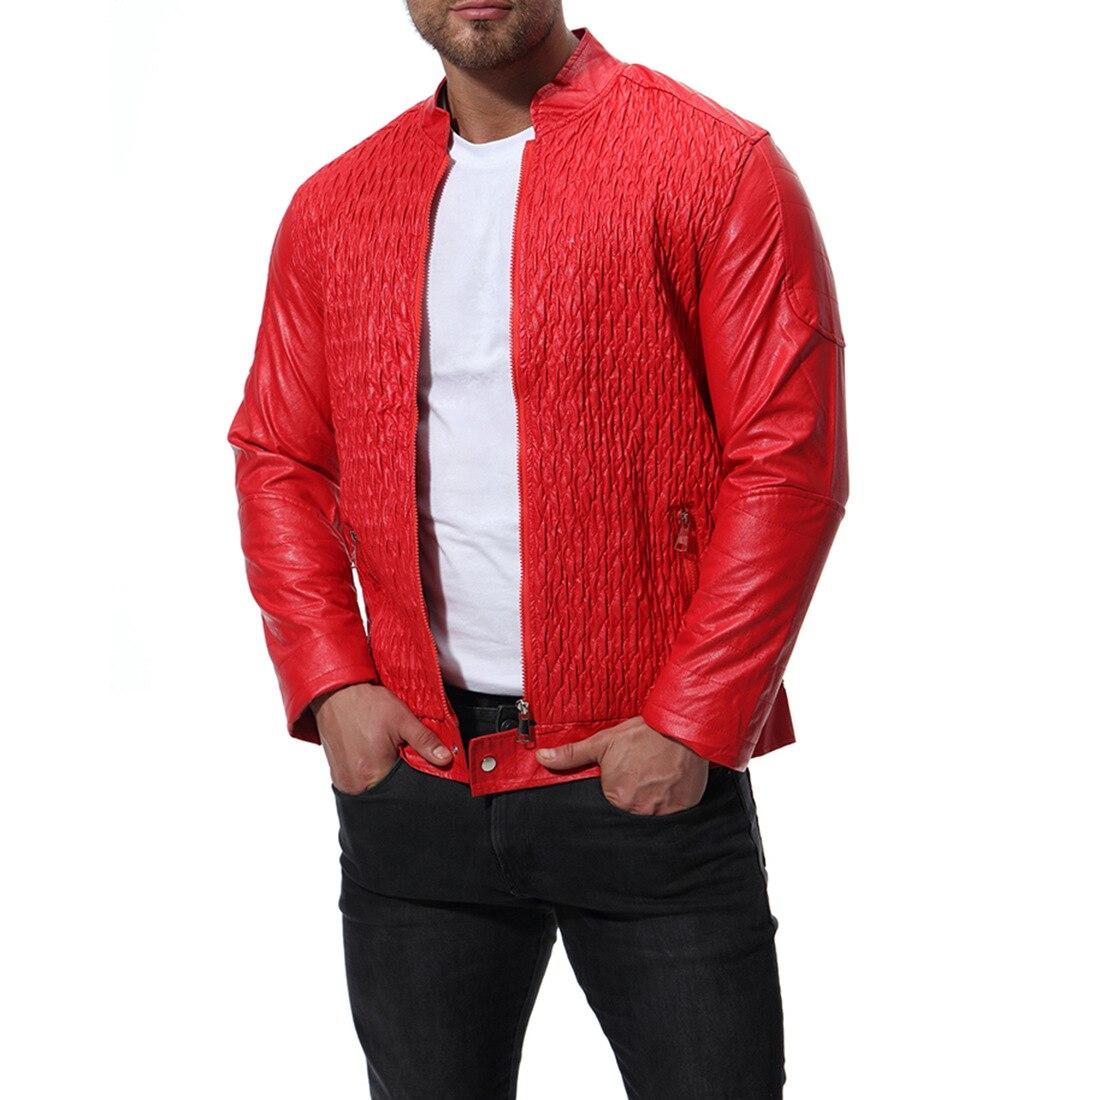 Mode hommes vestes en cuir plus tailles plaid imprimer moto veste en cuir pour hommes bonne qualité vêtements